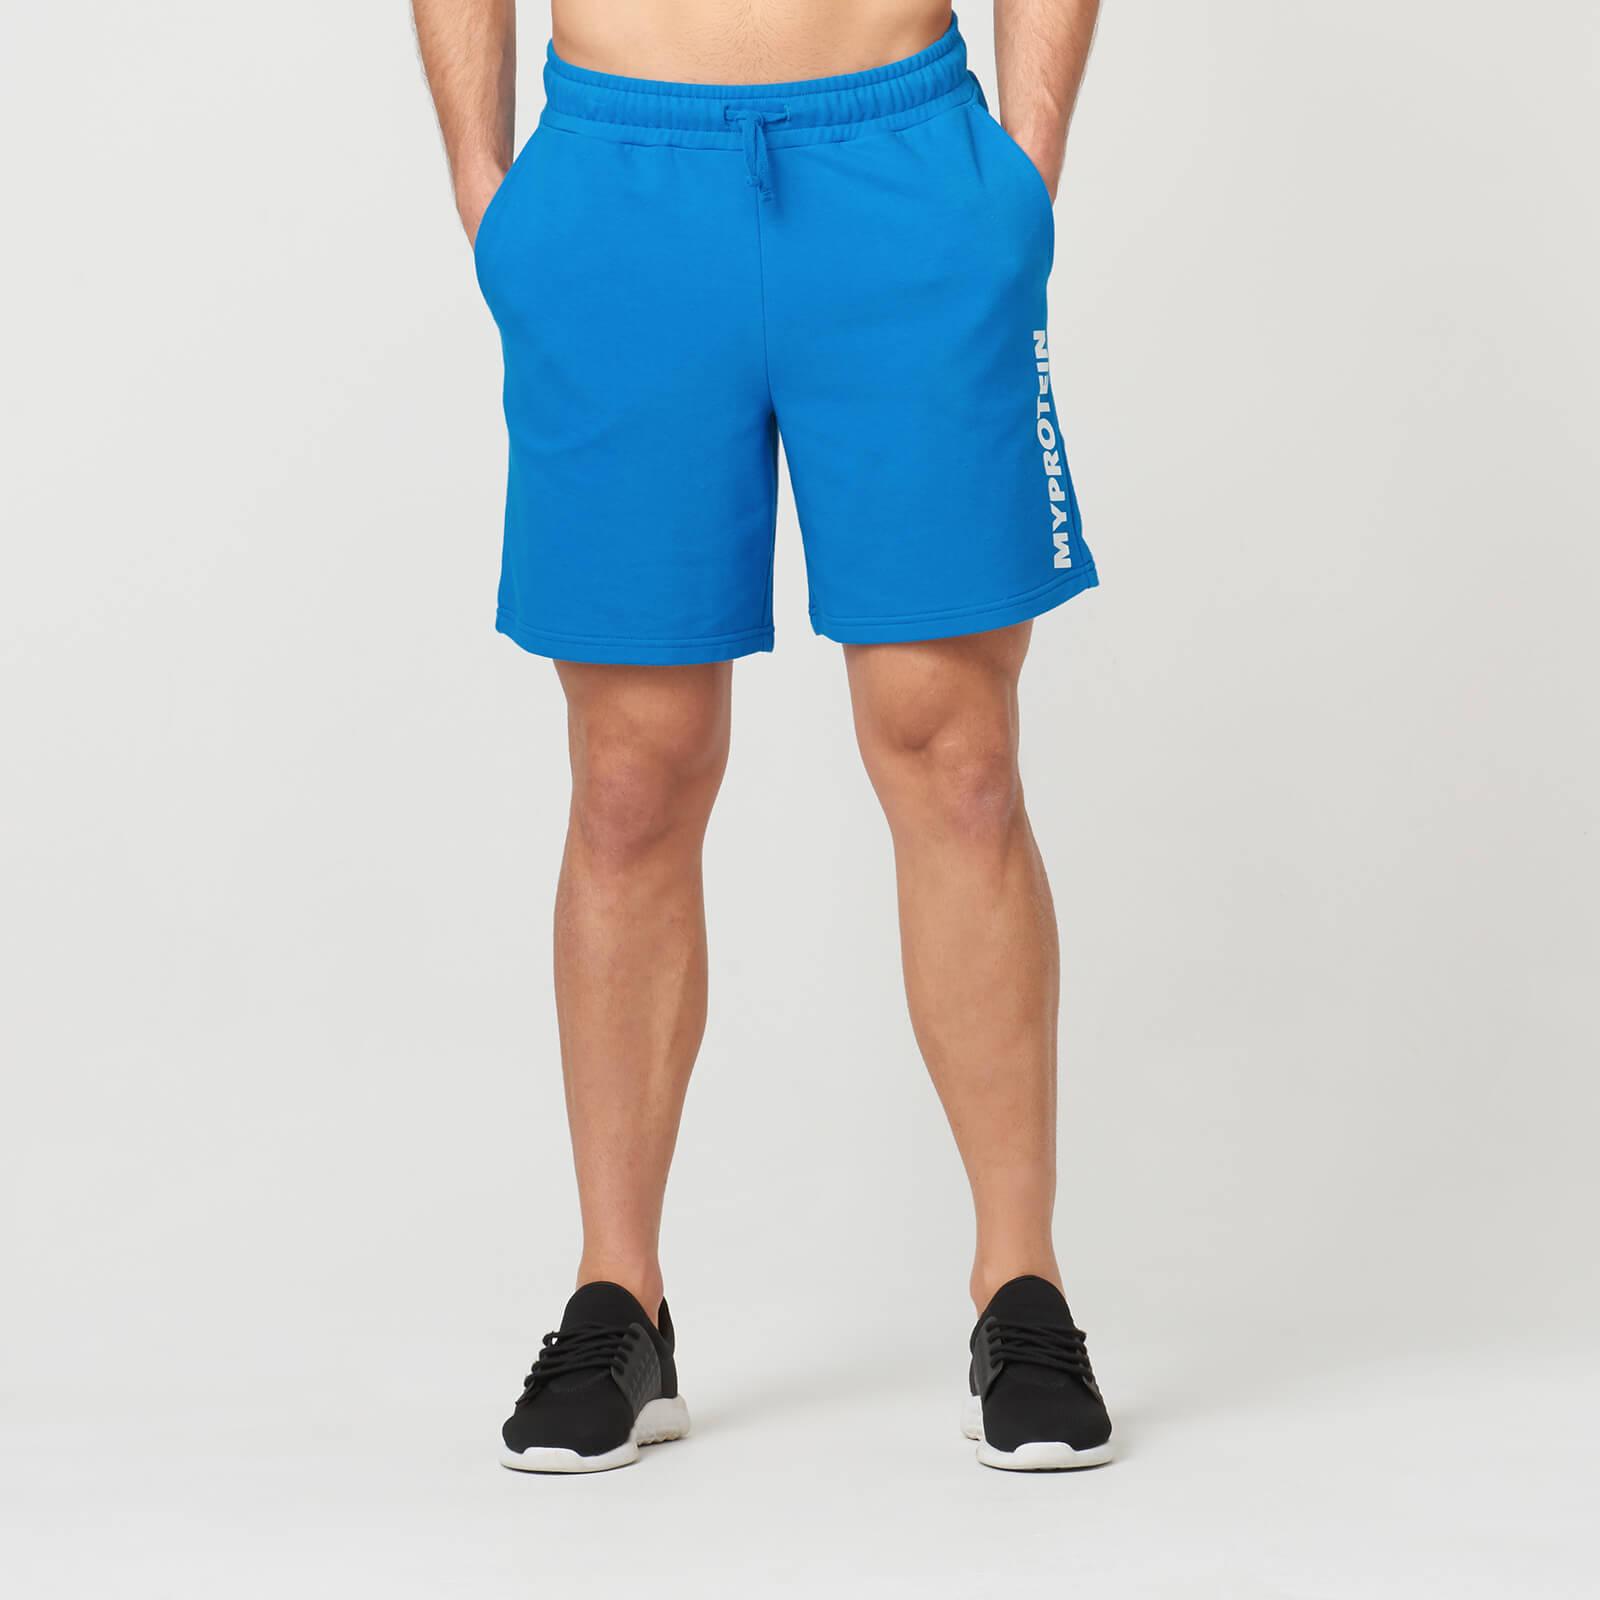 Myprotein Logo Shorts - XS - Blå